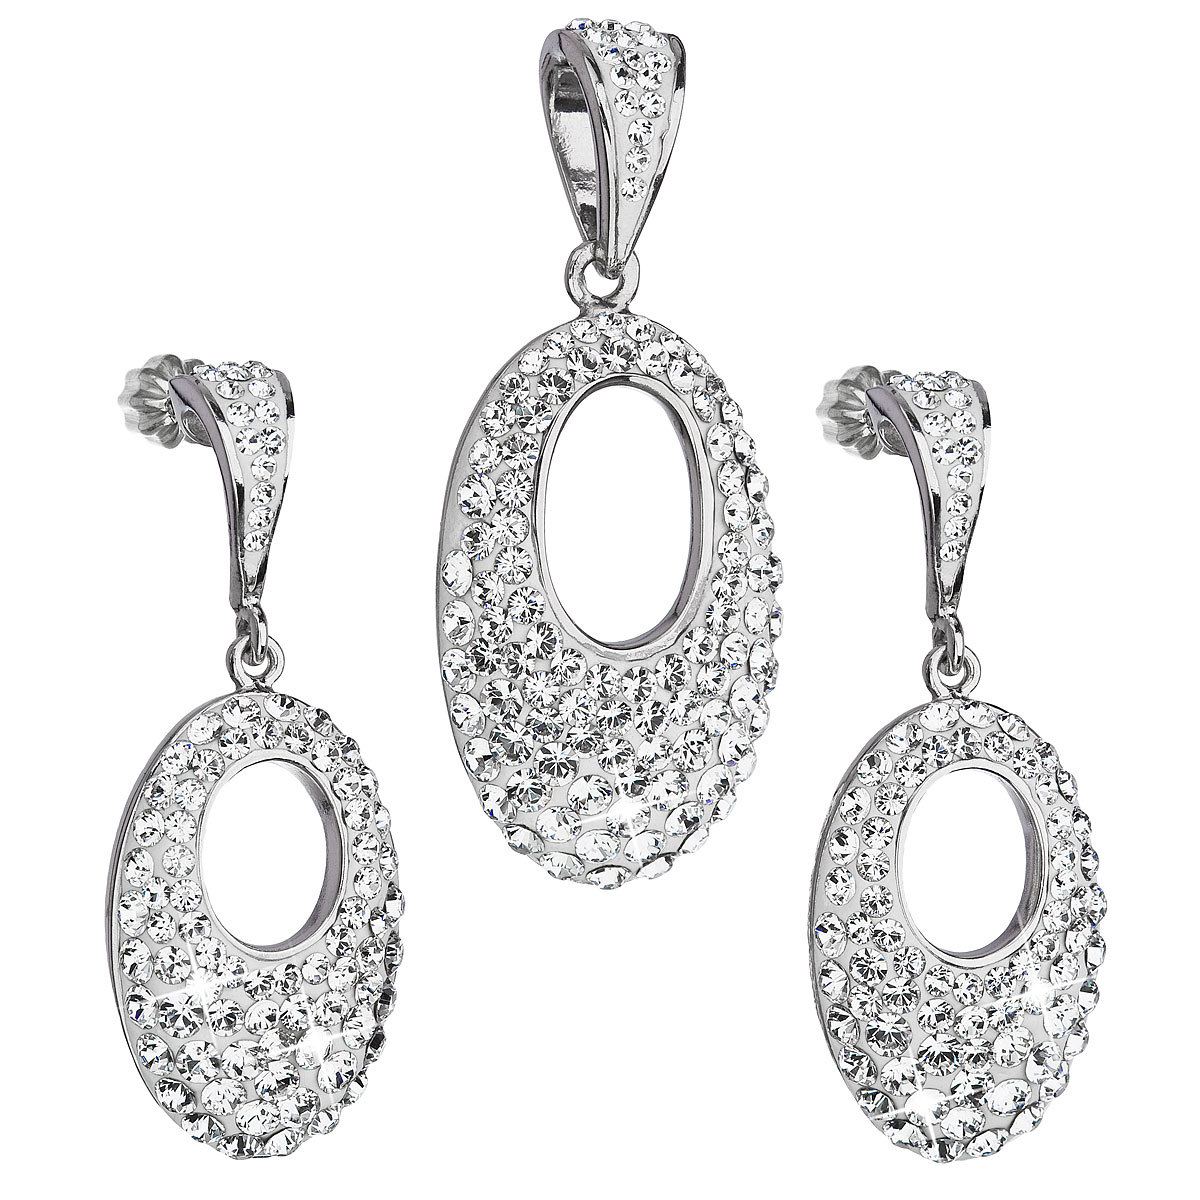 Sada šperkov s krištáľmi Swarovski náušnice a prívesok biely ovál 39075.1